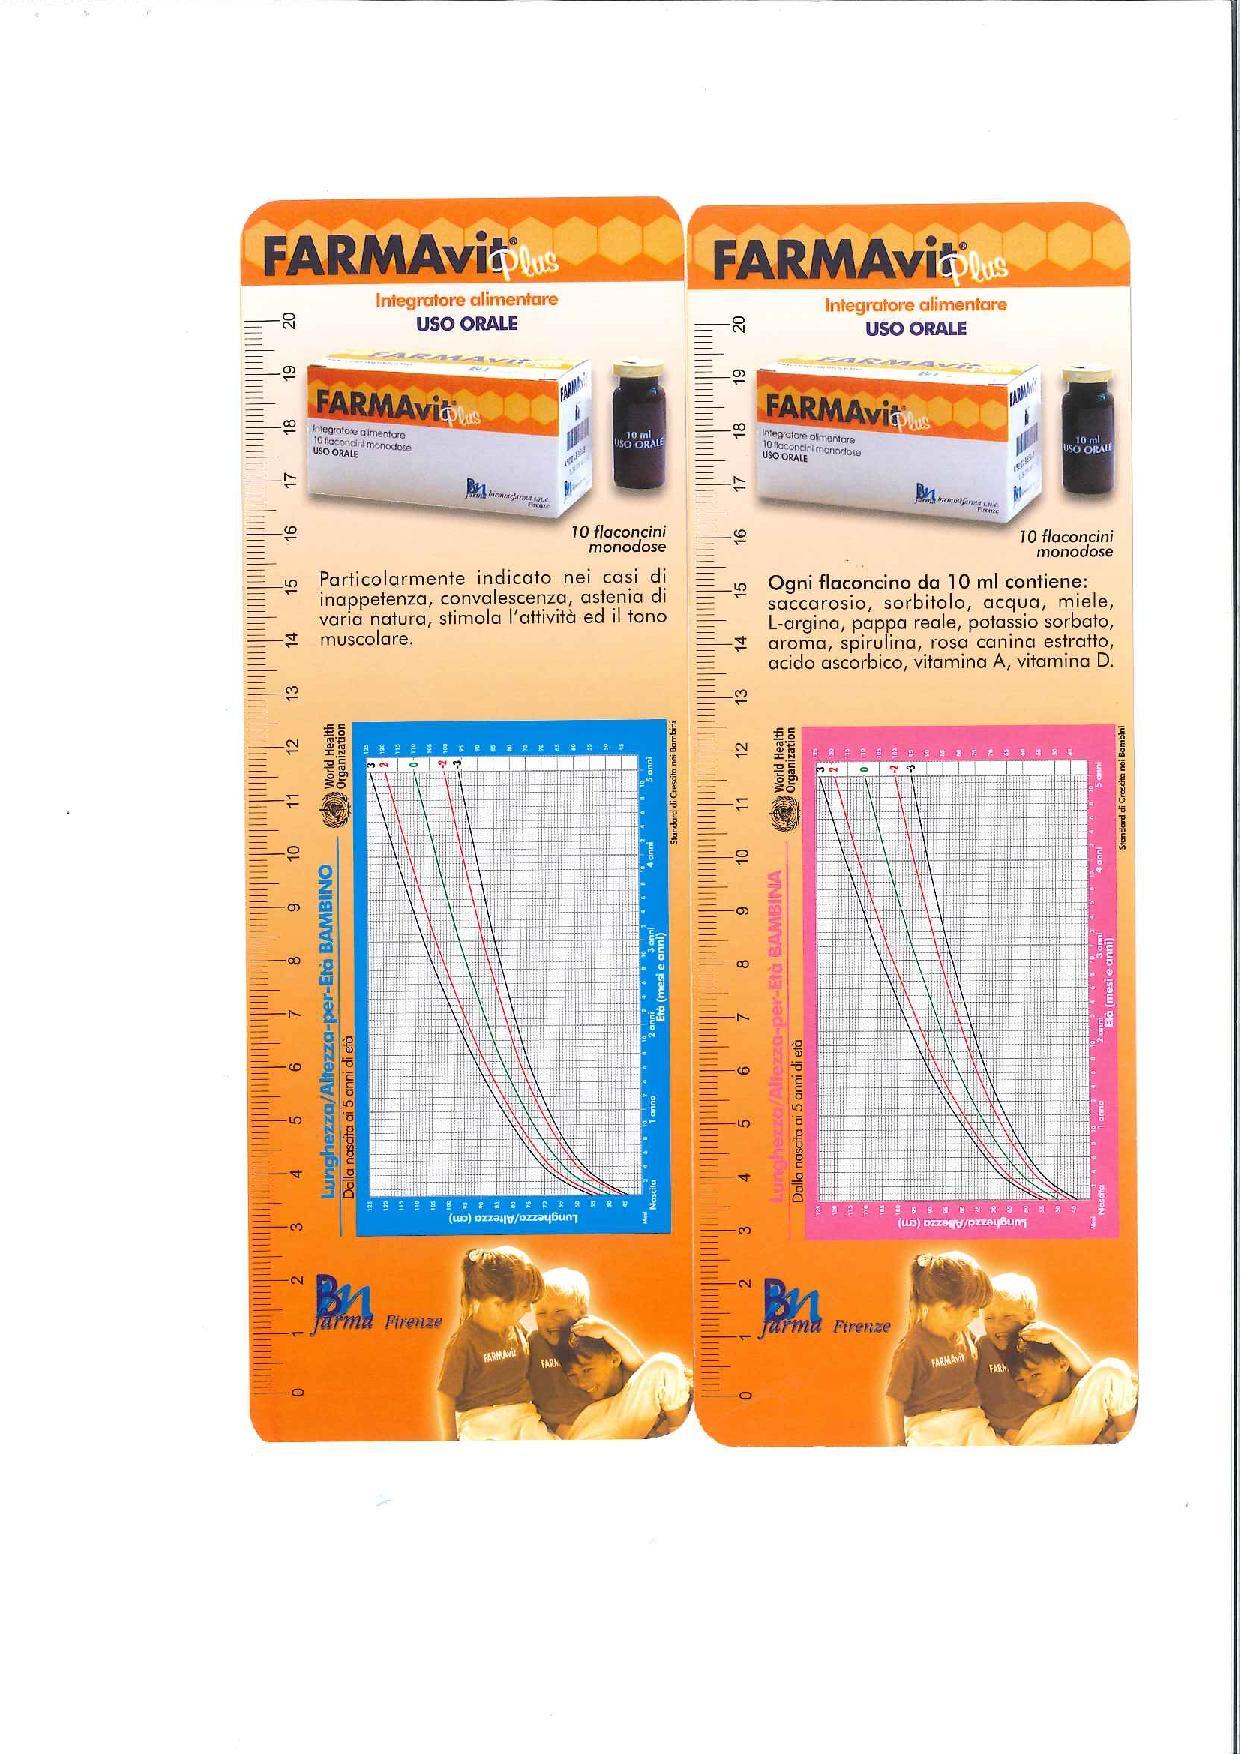 Farmavit Plus-page-001